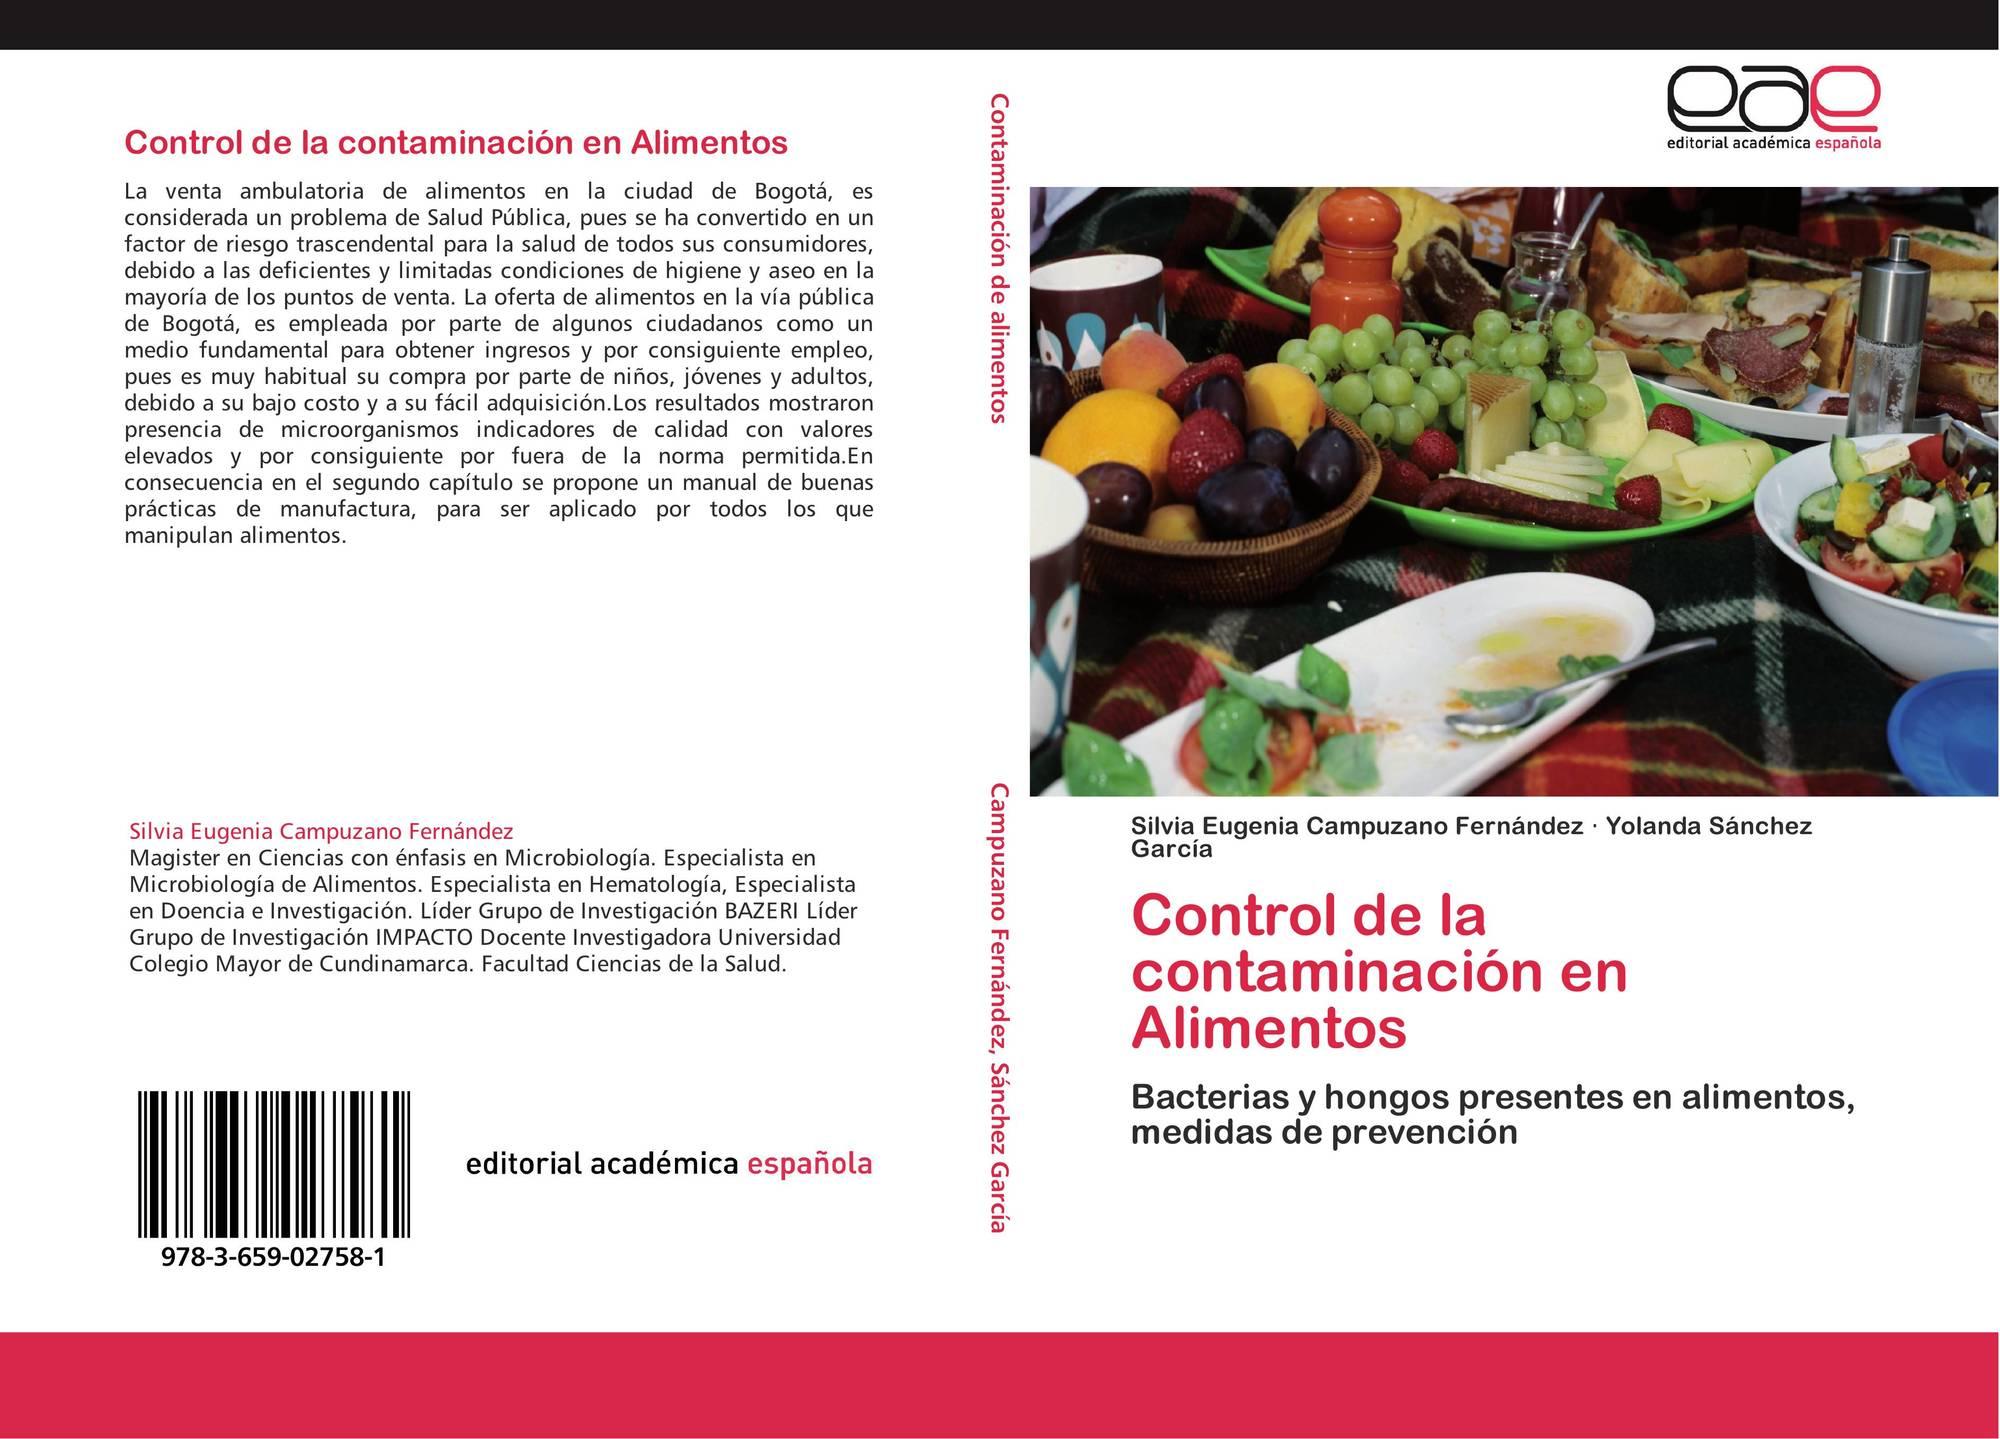 Control de la contaminación en Alimentos, 978-3-659-02758-1 ...